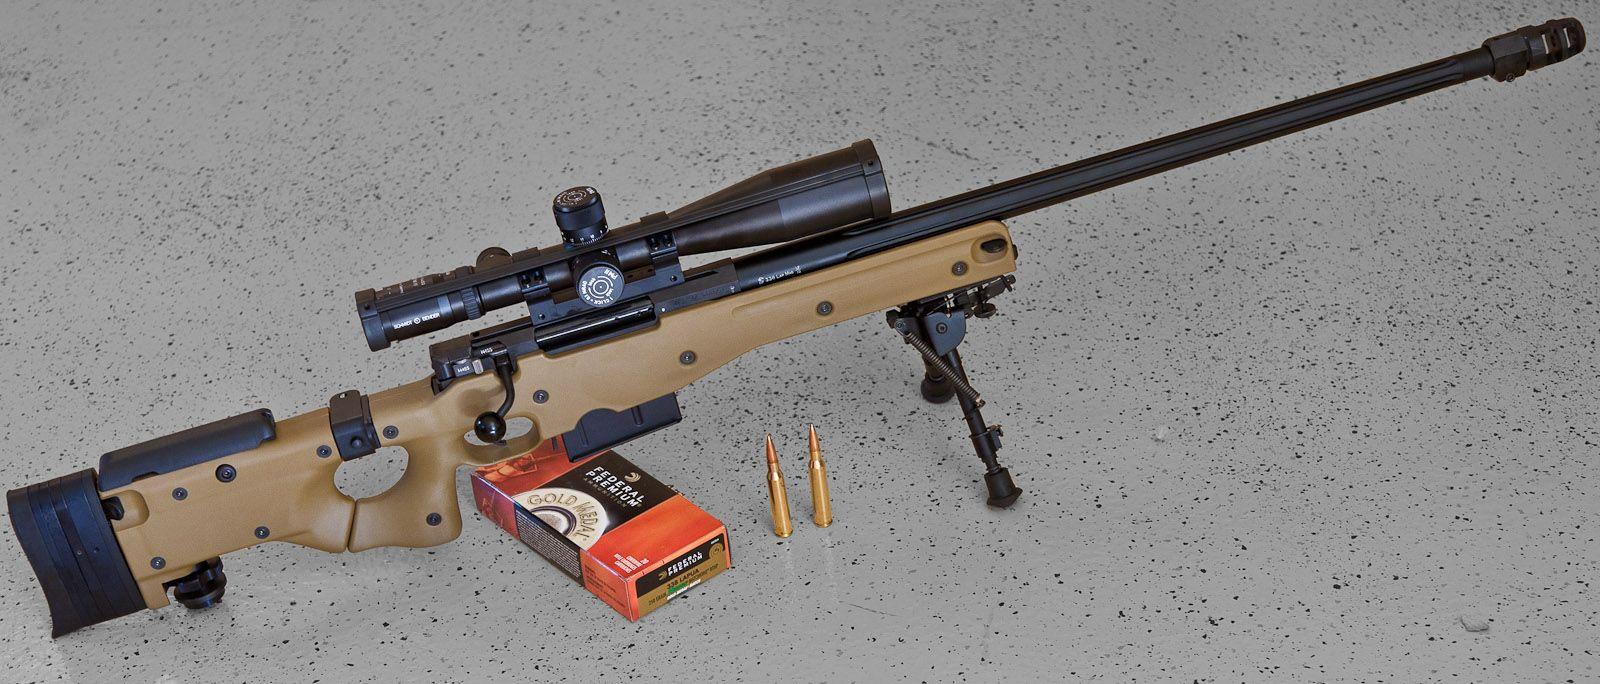 magnum sniper rifle - 1600×684